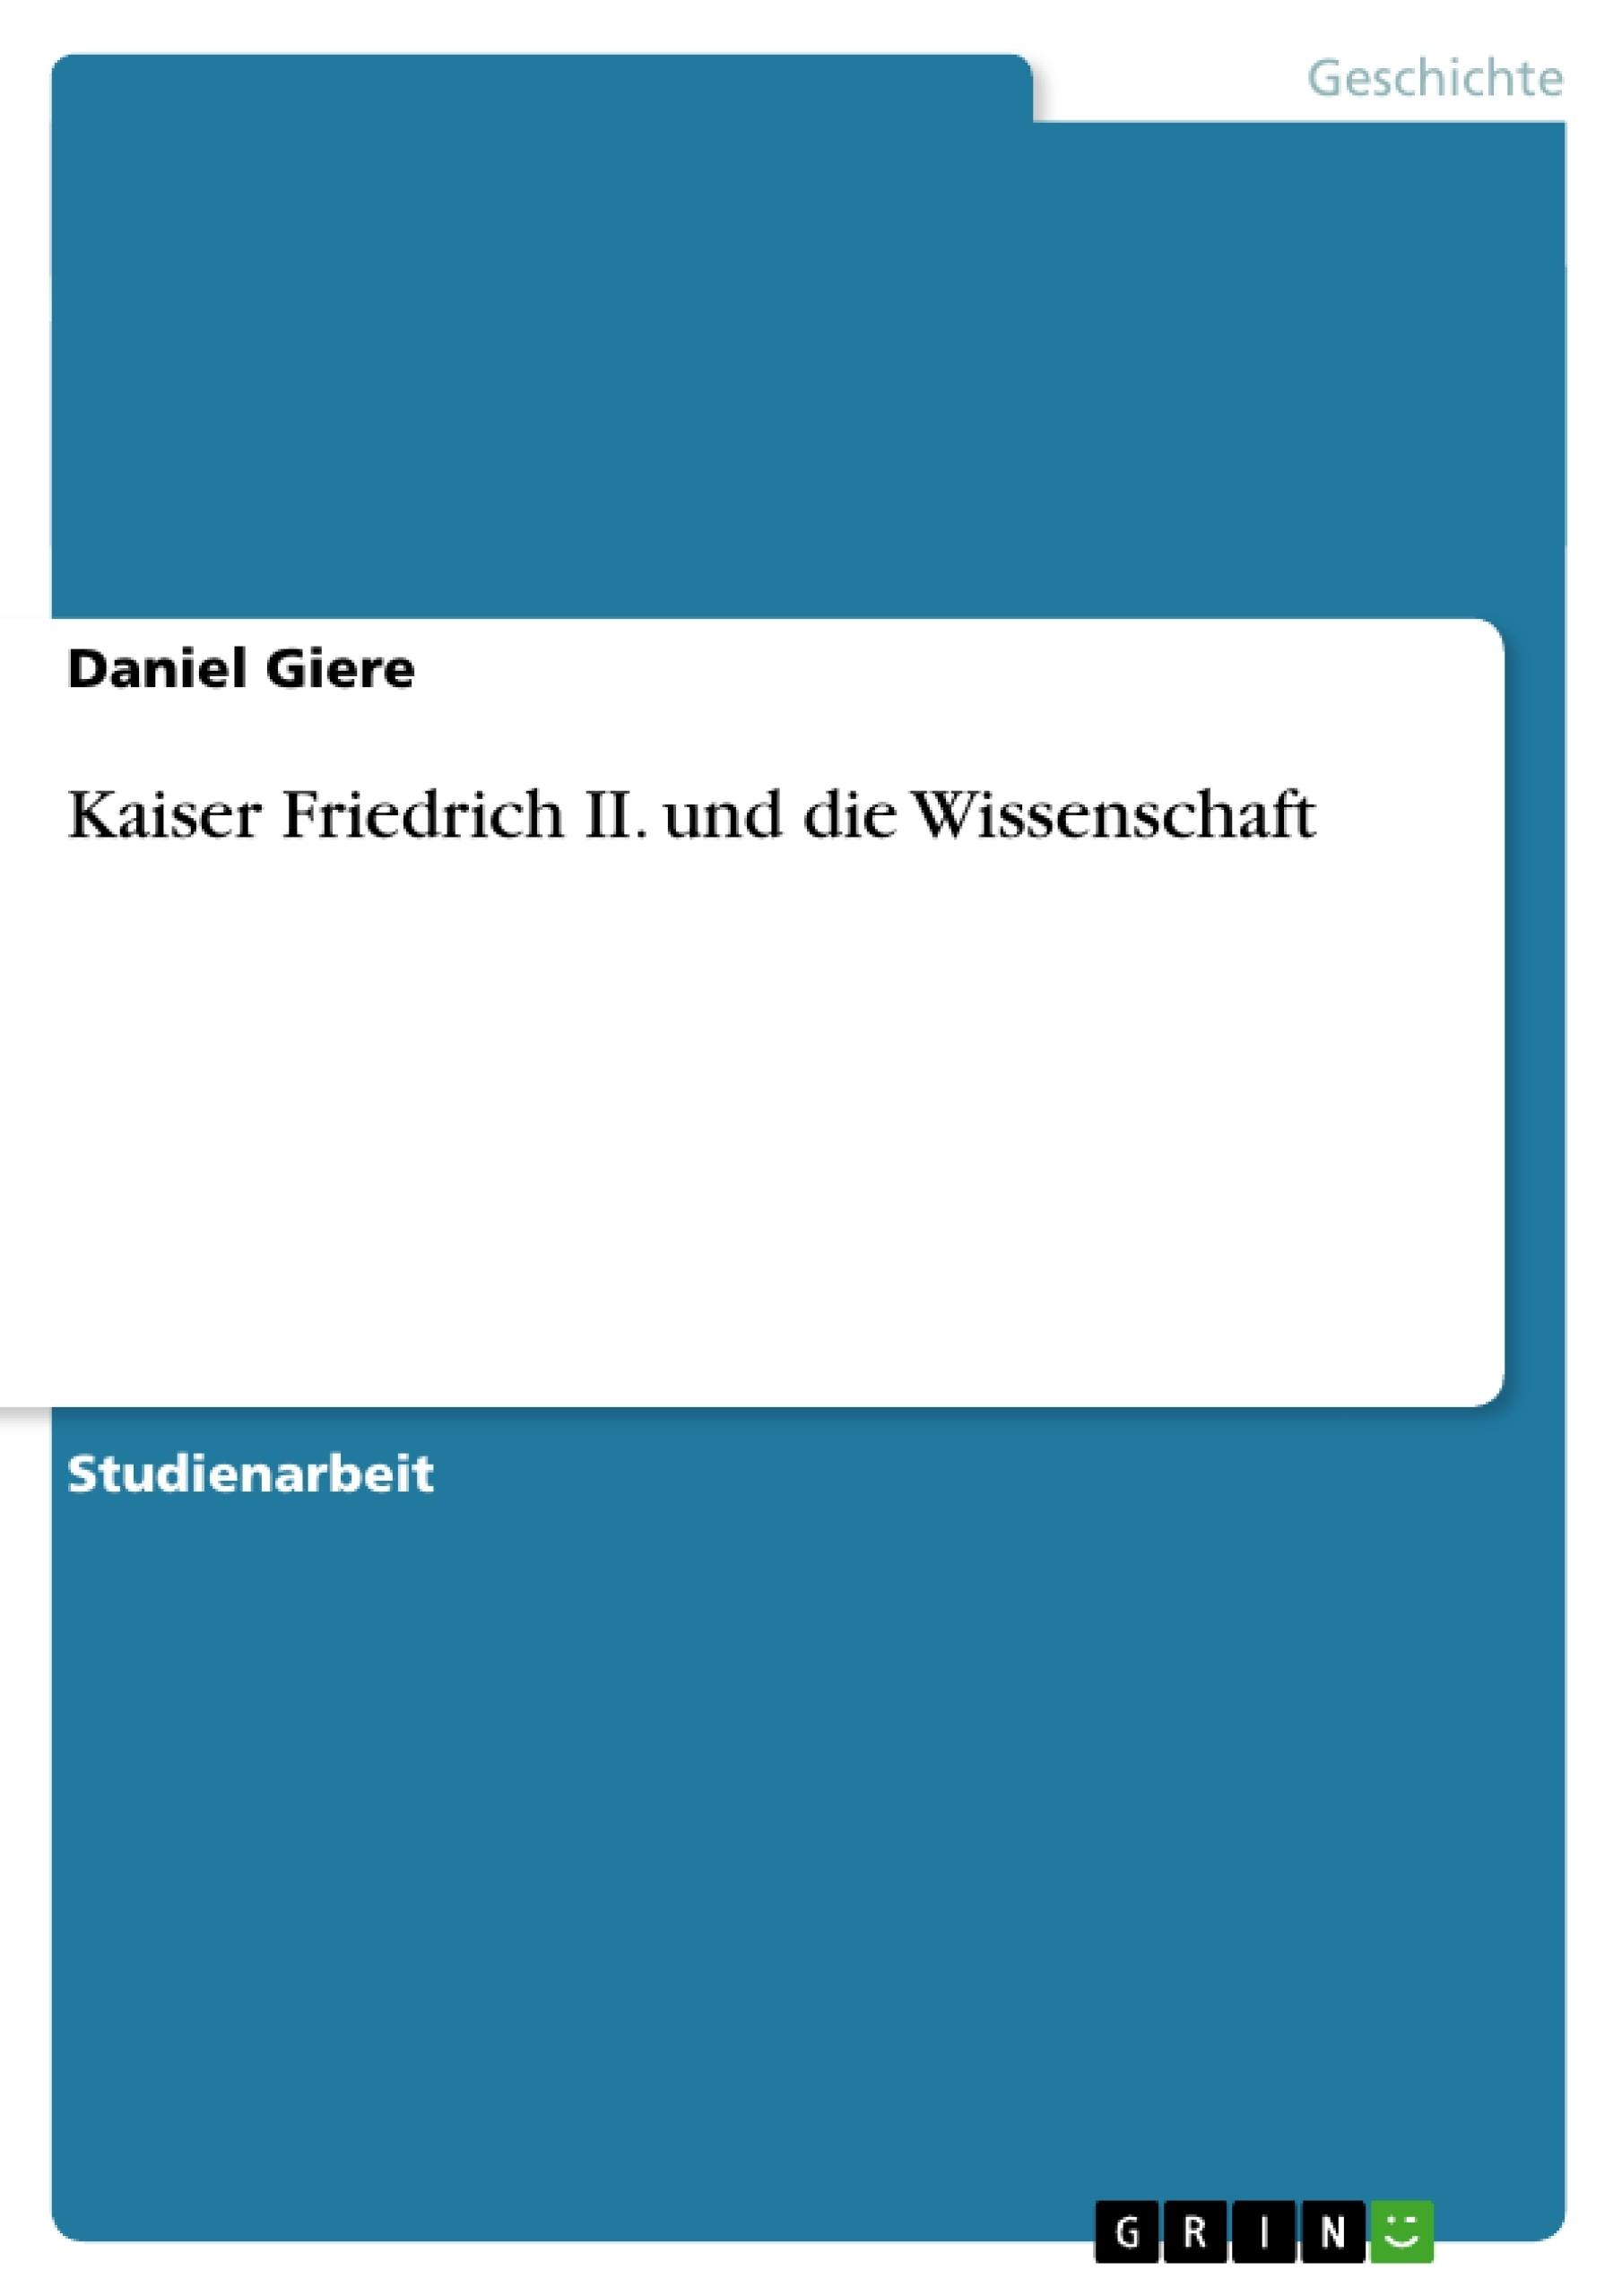 Titel: Kaiser Friedrich II. und die Wissenschaft